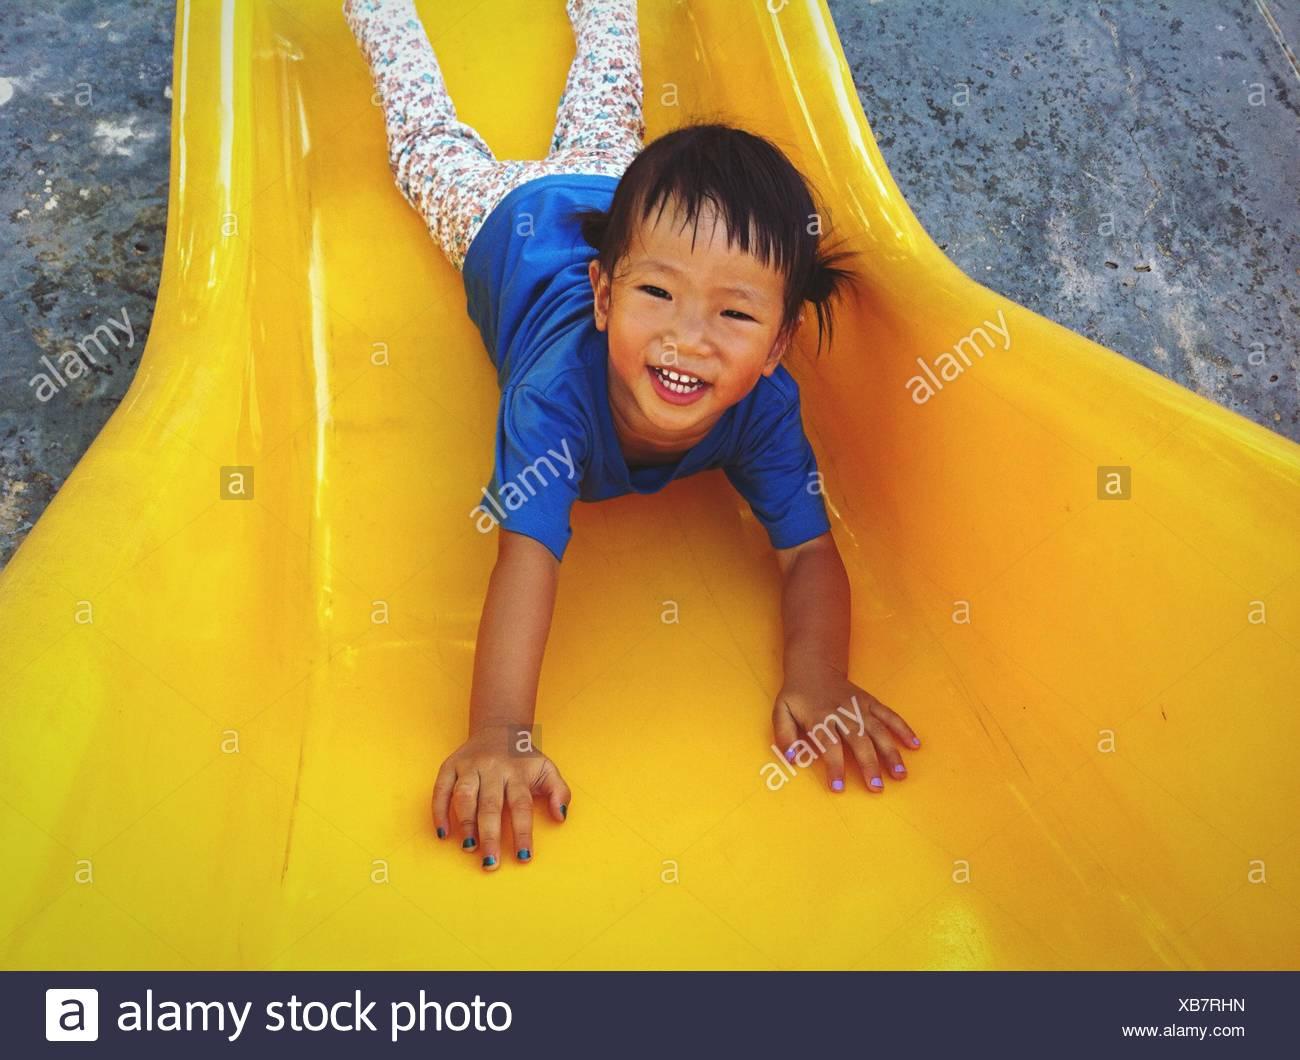 Ritratto di Felice ragazza che gioca sulla slitta di colore giallo nel parco giochi Immagini Stock